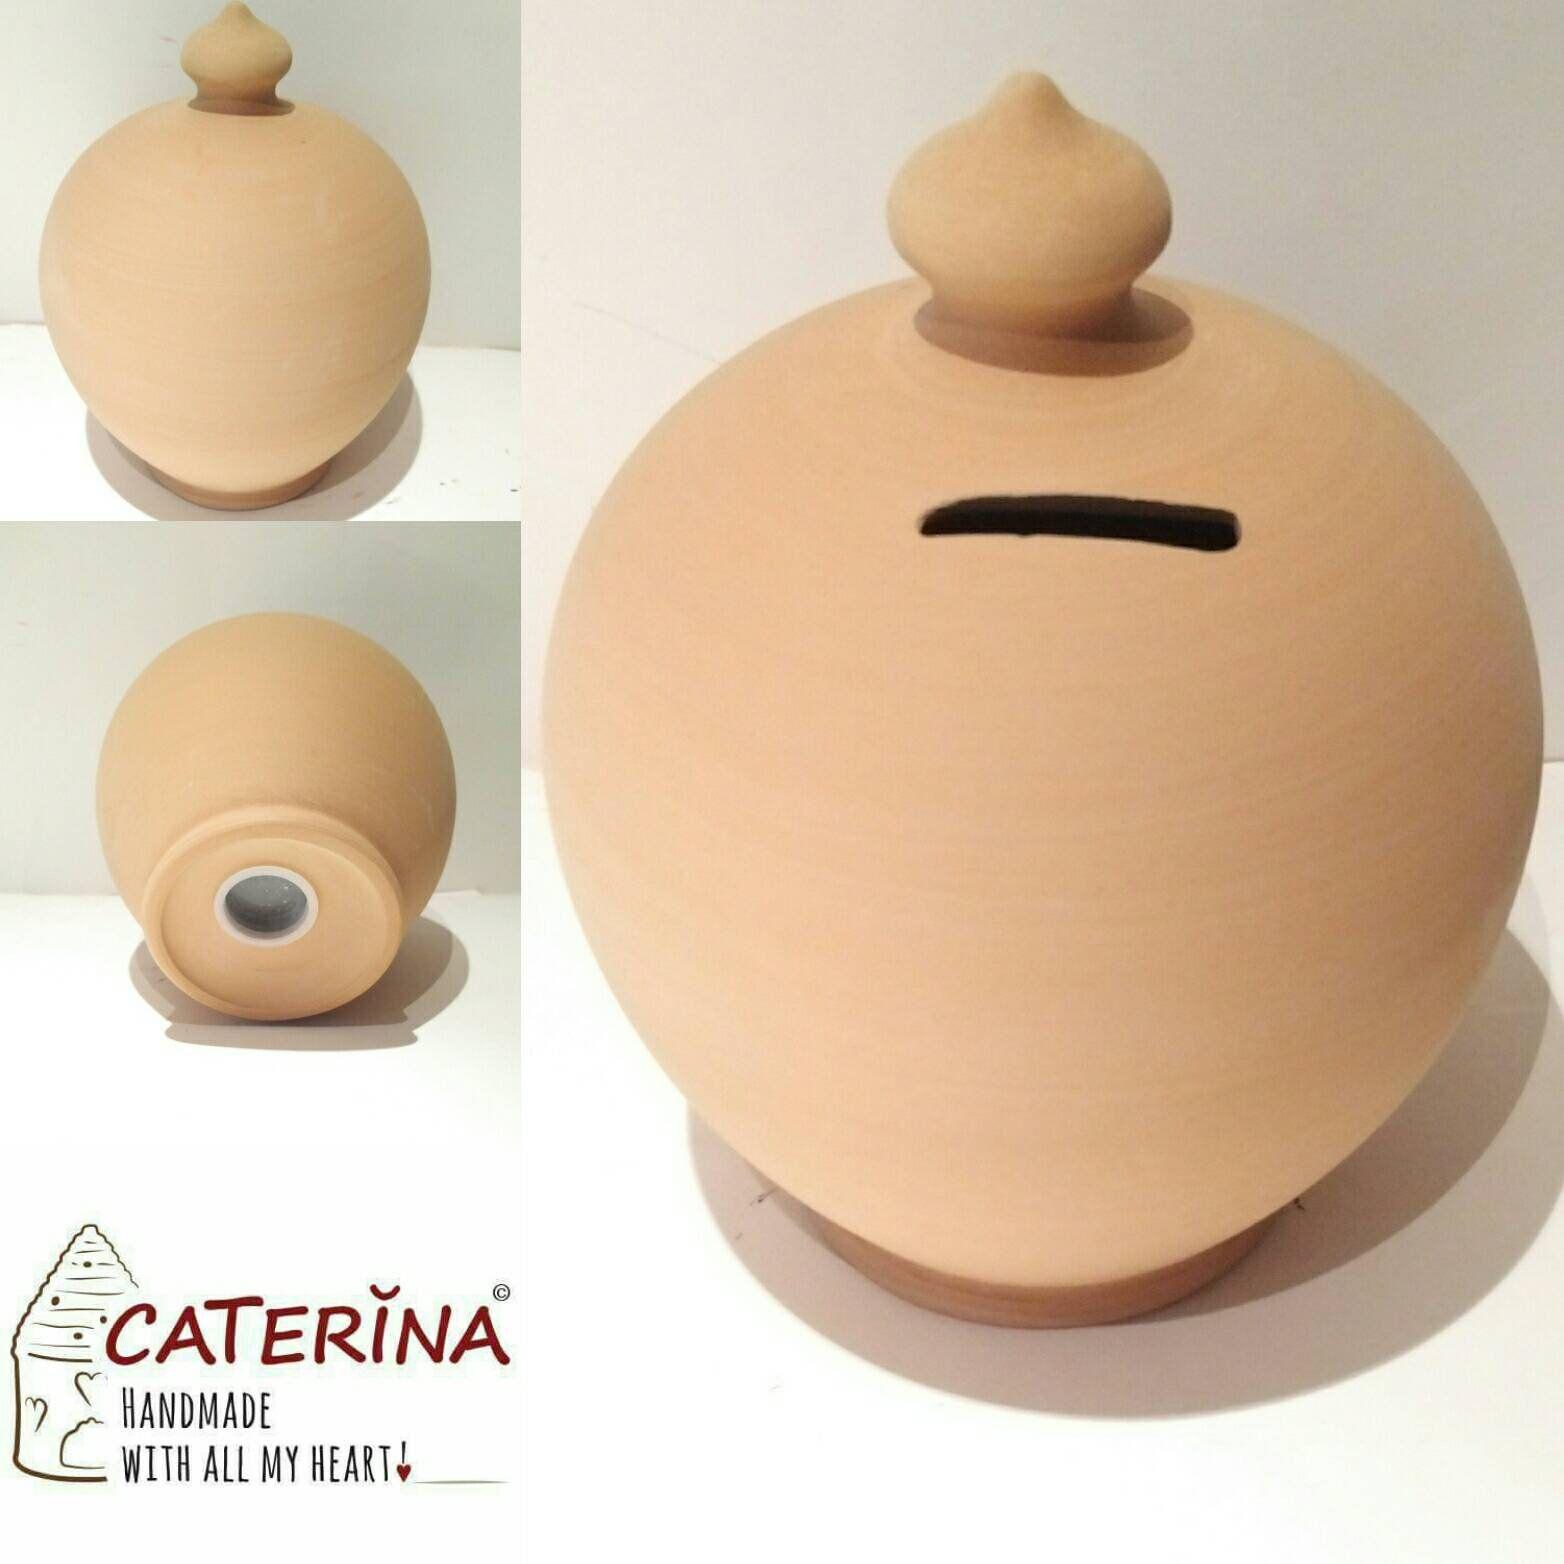 Piggy Bank Coin Bank Adult Caterina Handmade Money Pot